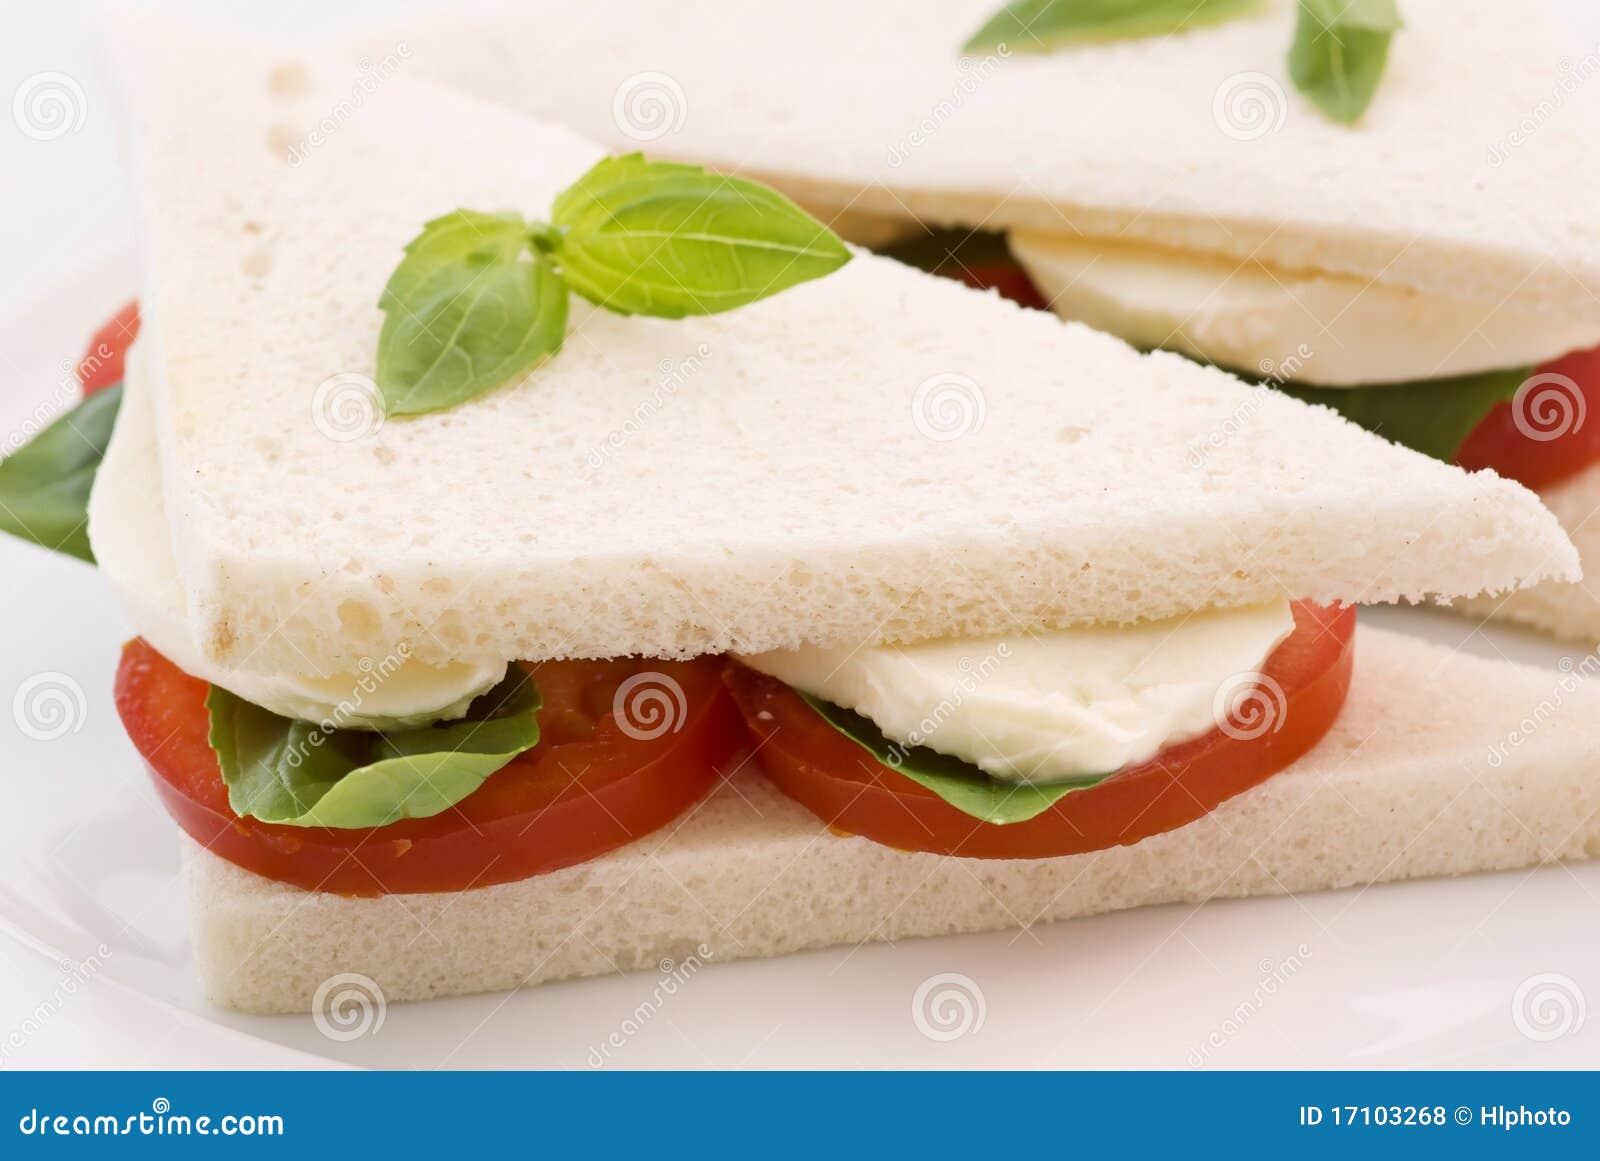 Tomato Mozzarella Sandwich Royalty Free Stock Photos - Image: 17103268